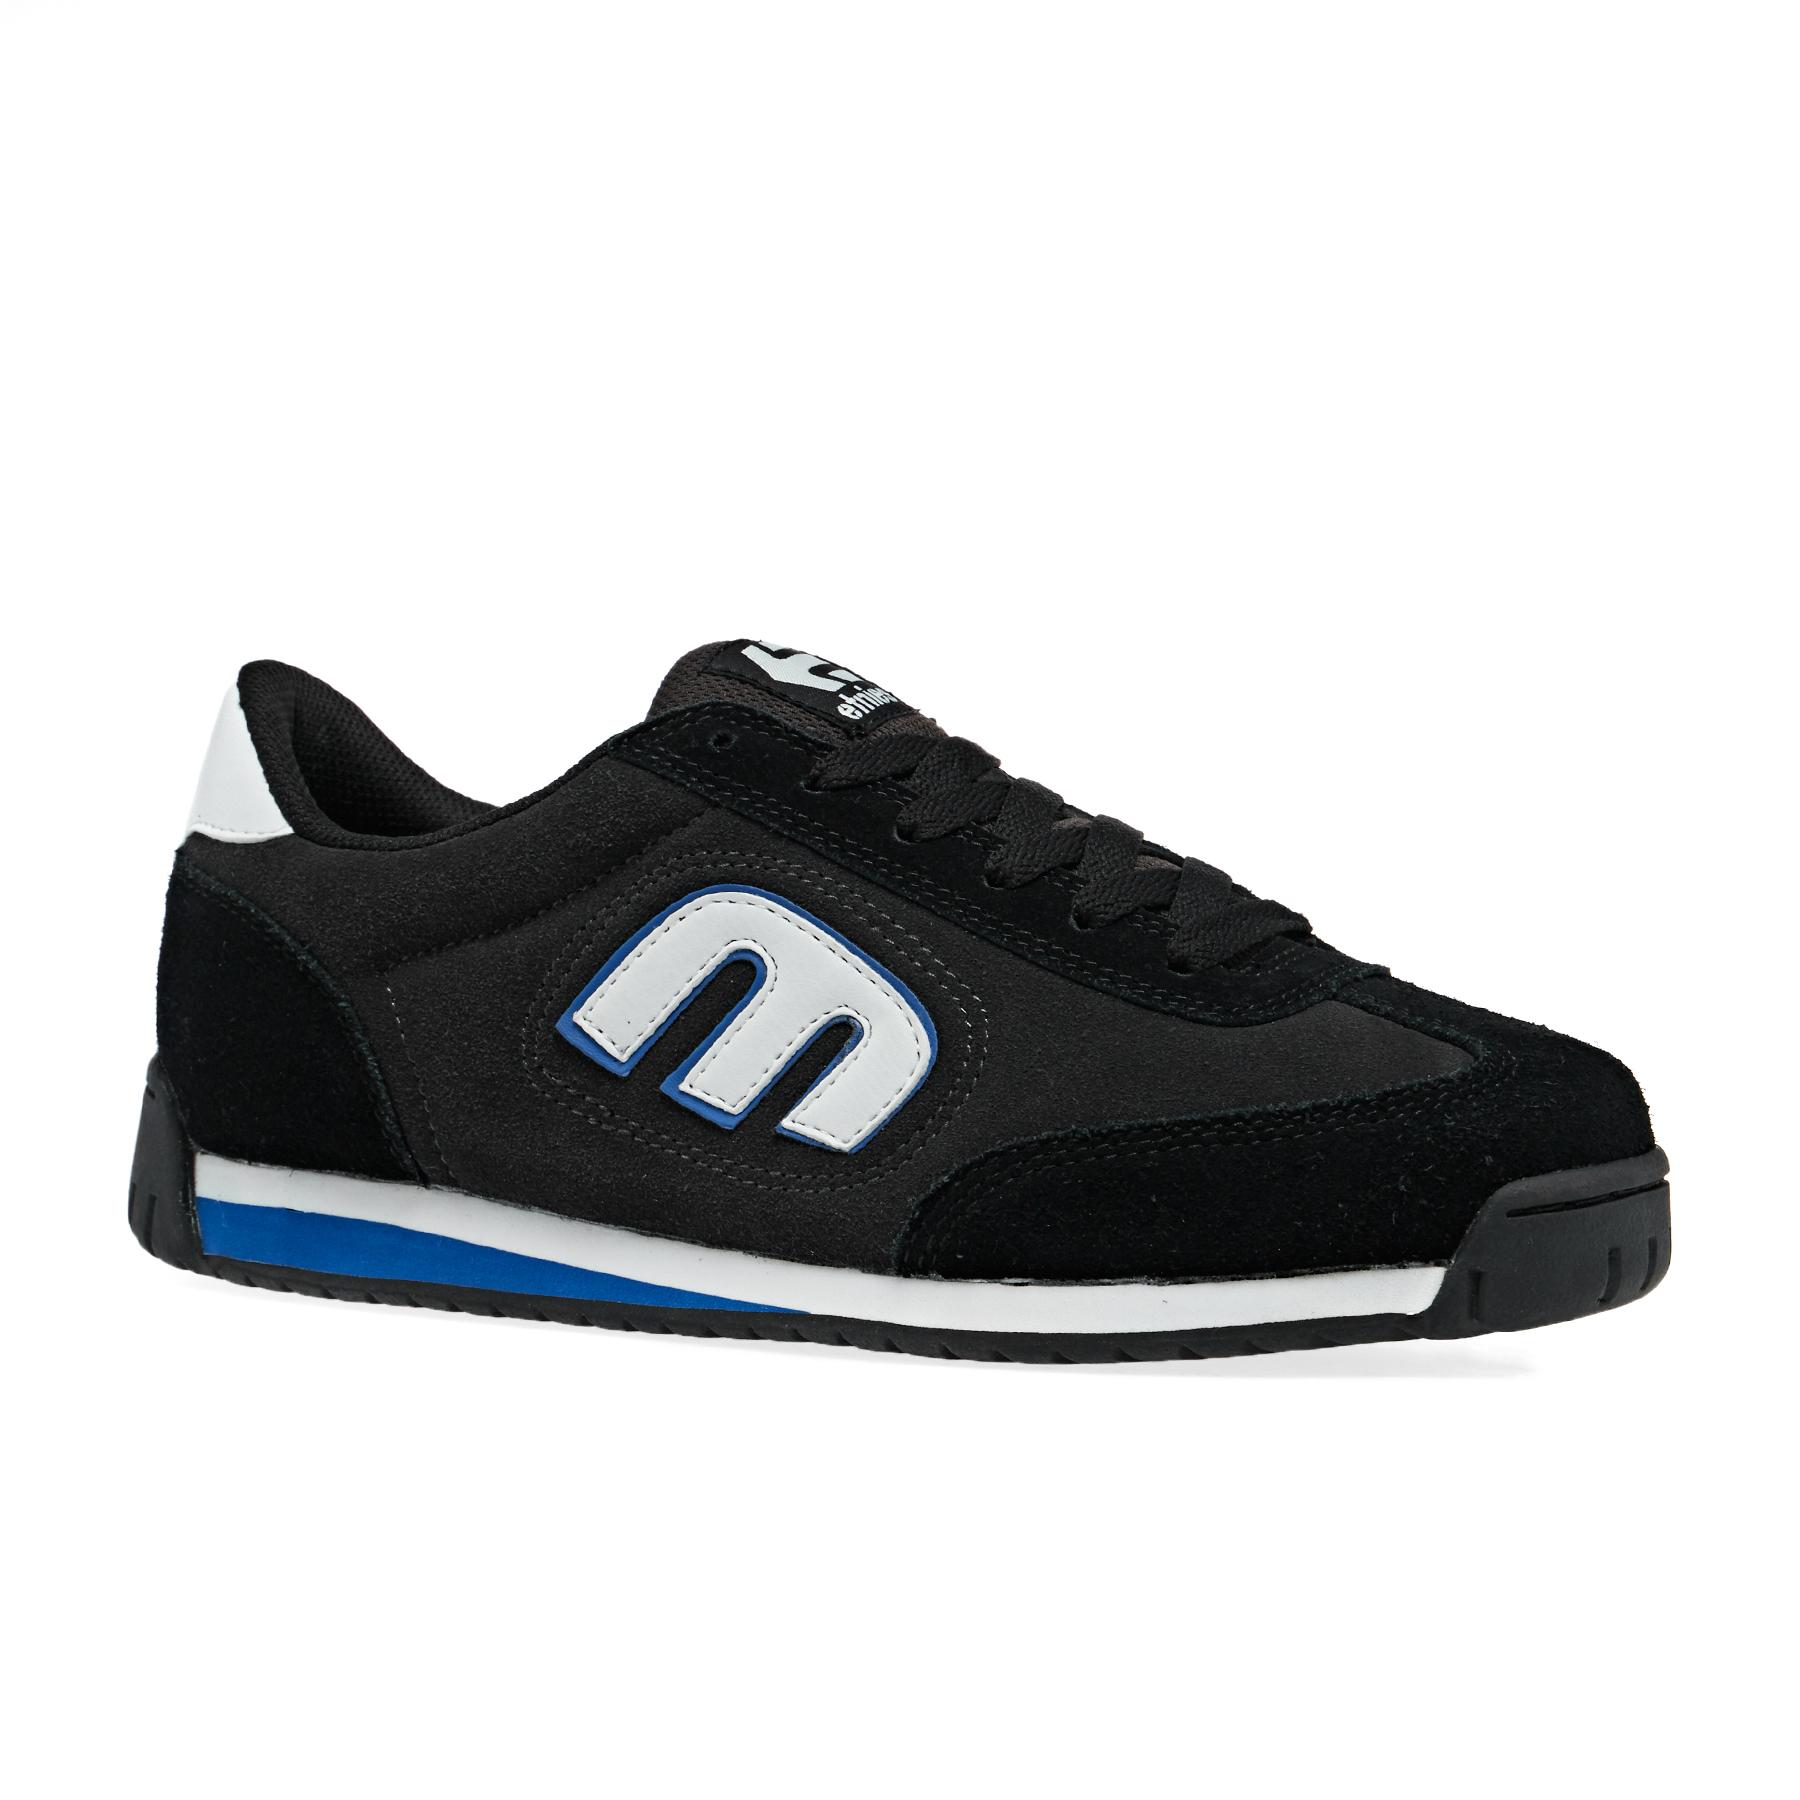 Etnies Lo Cut II LS Shoes - Free